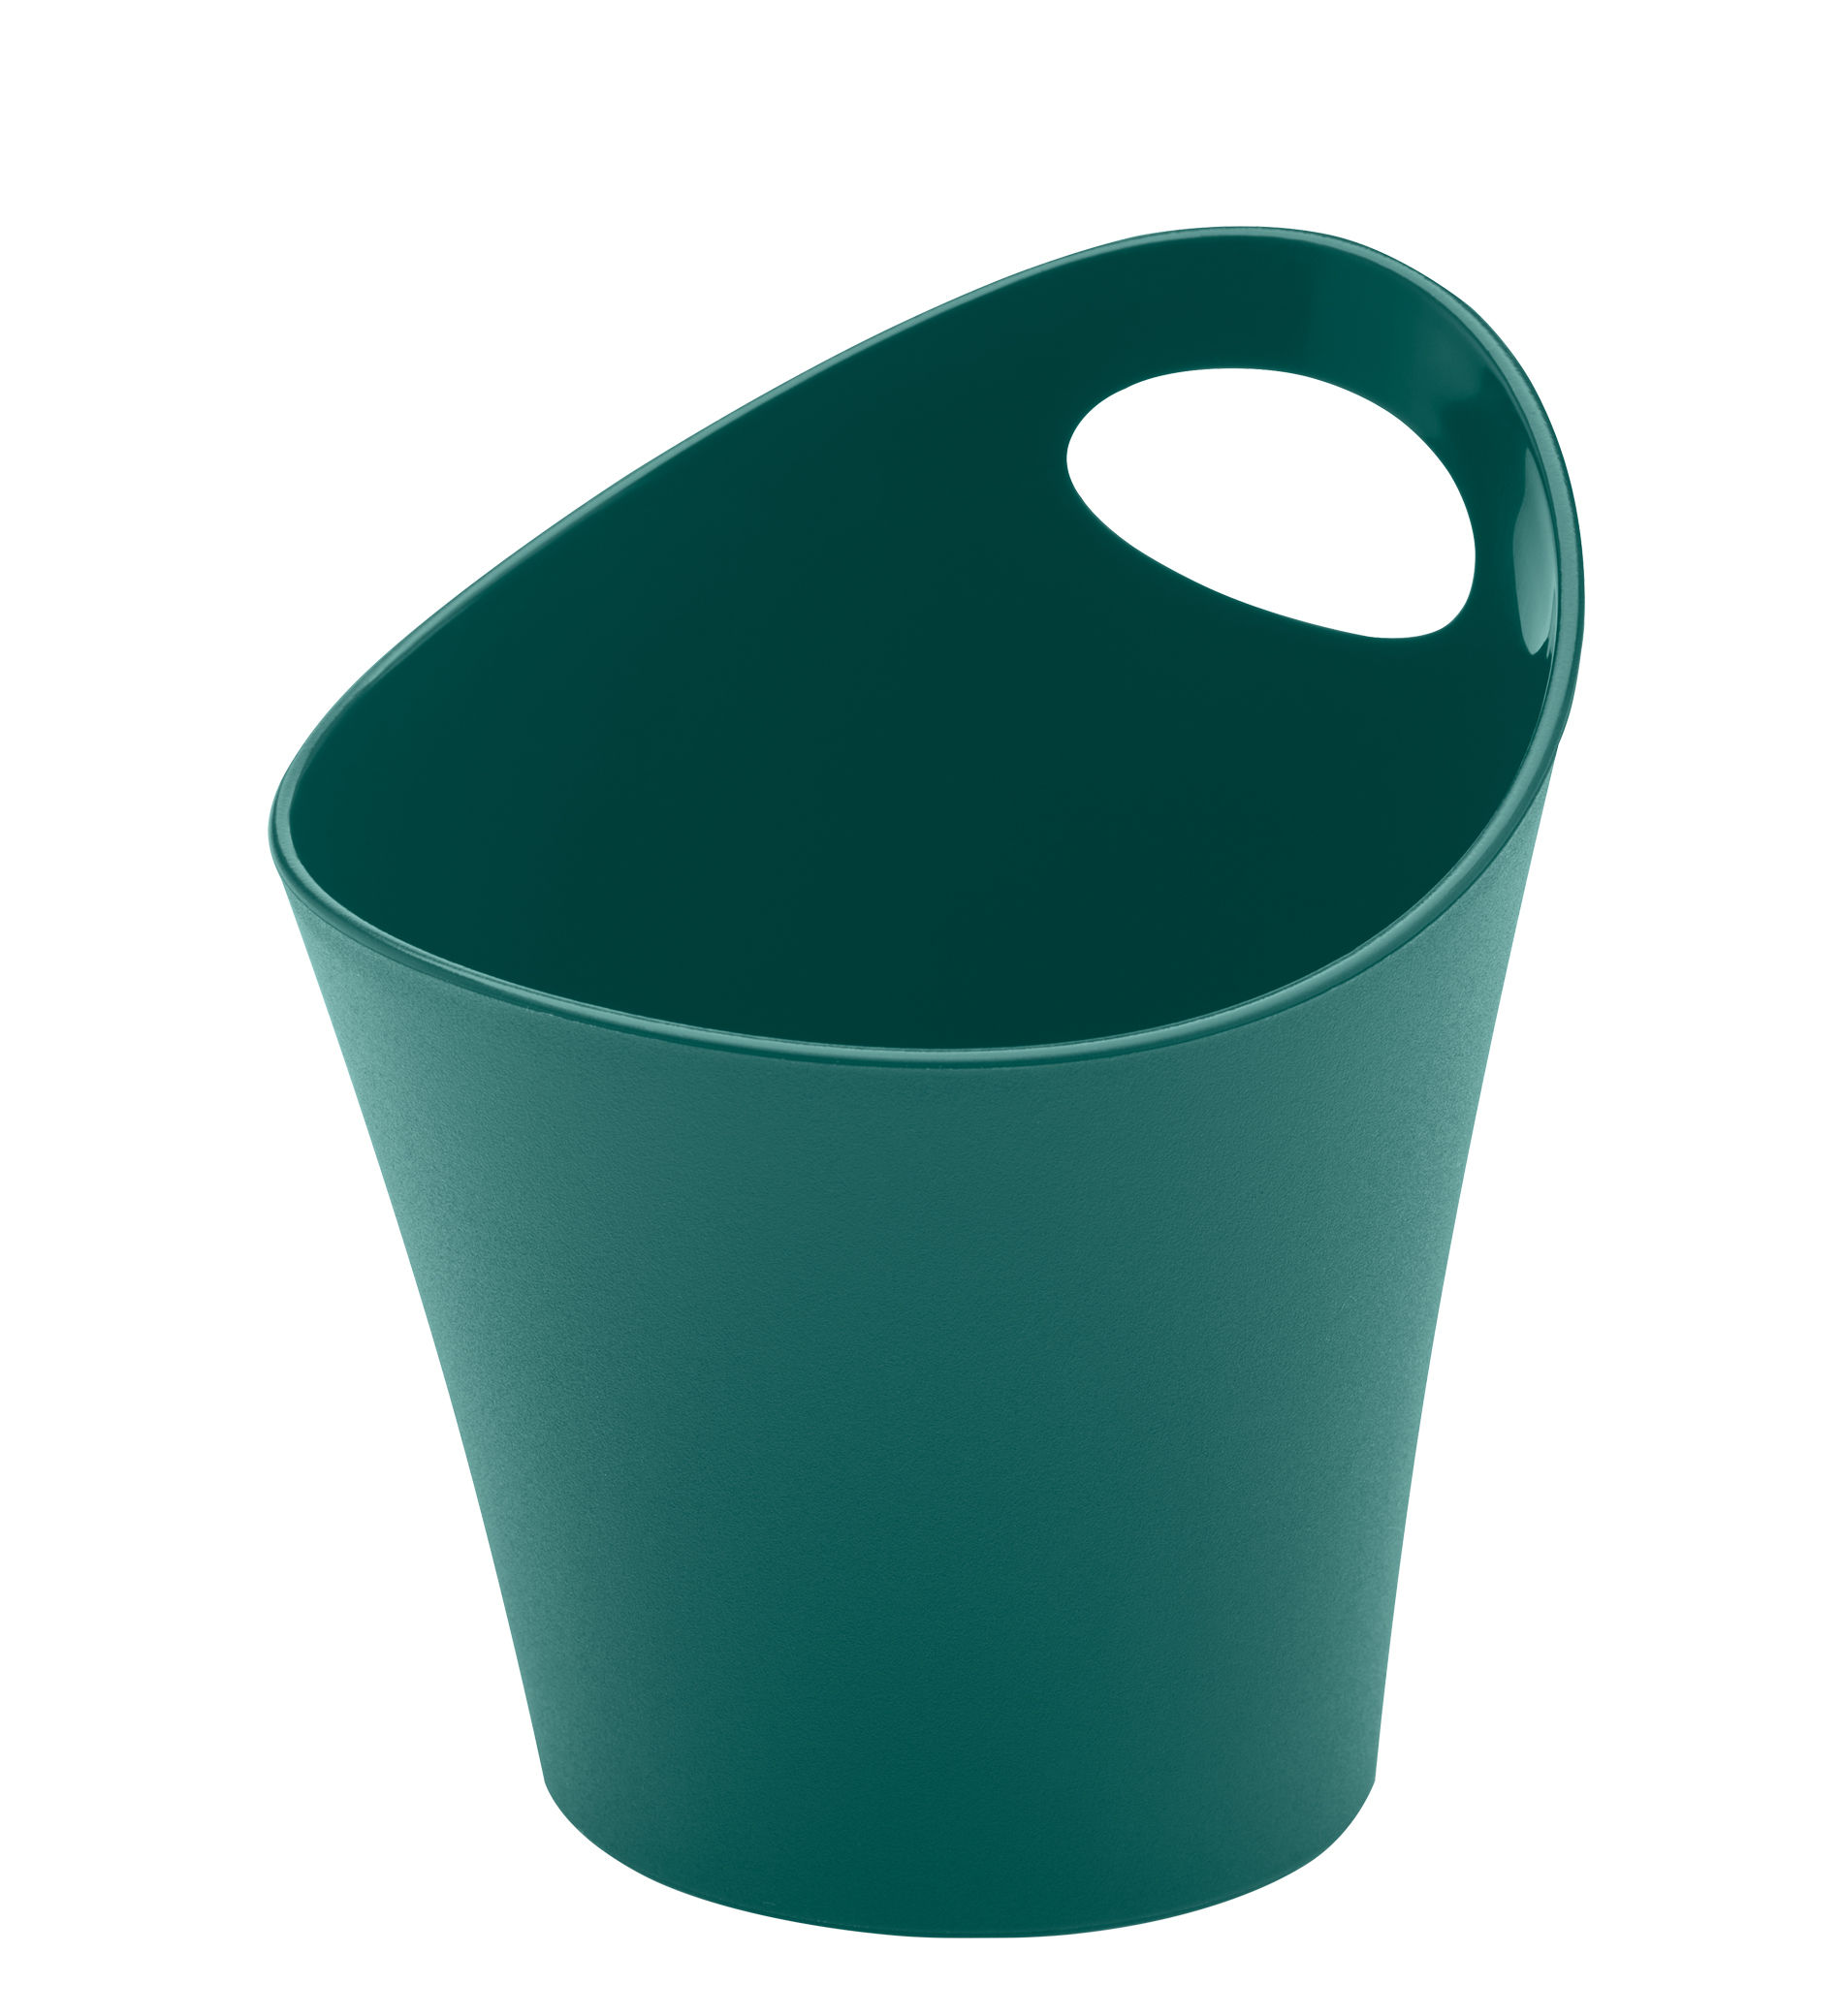 Accessoires - Accessoires bureau - Pot Pottichelli XS / Ø 15 x H 9 cm - Koziol - Vert sapin - PMMA